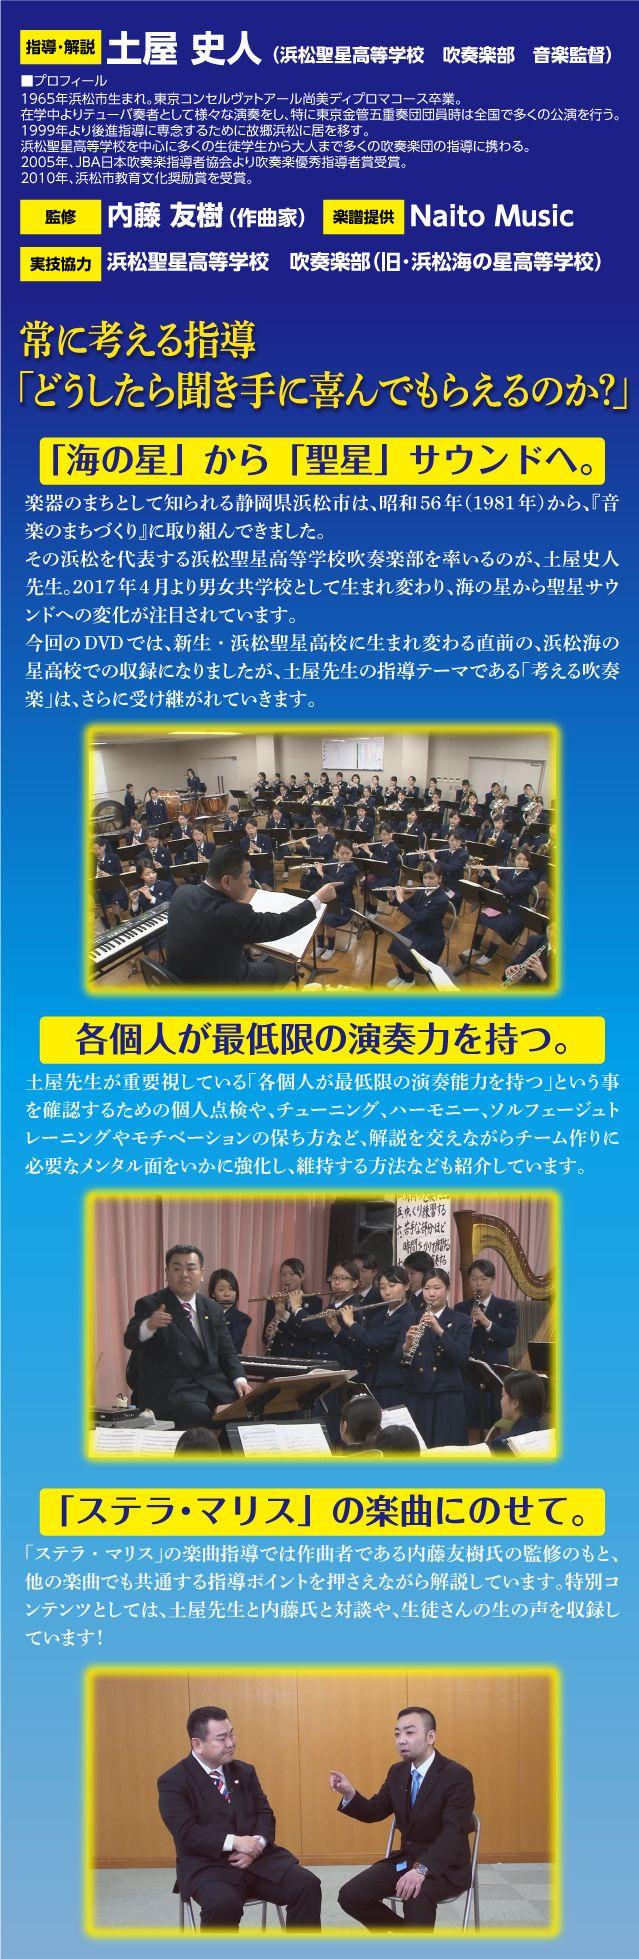 新生☆浜松聖星高校・土屋史人先生の『考える吹奏楽指導』